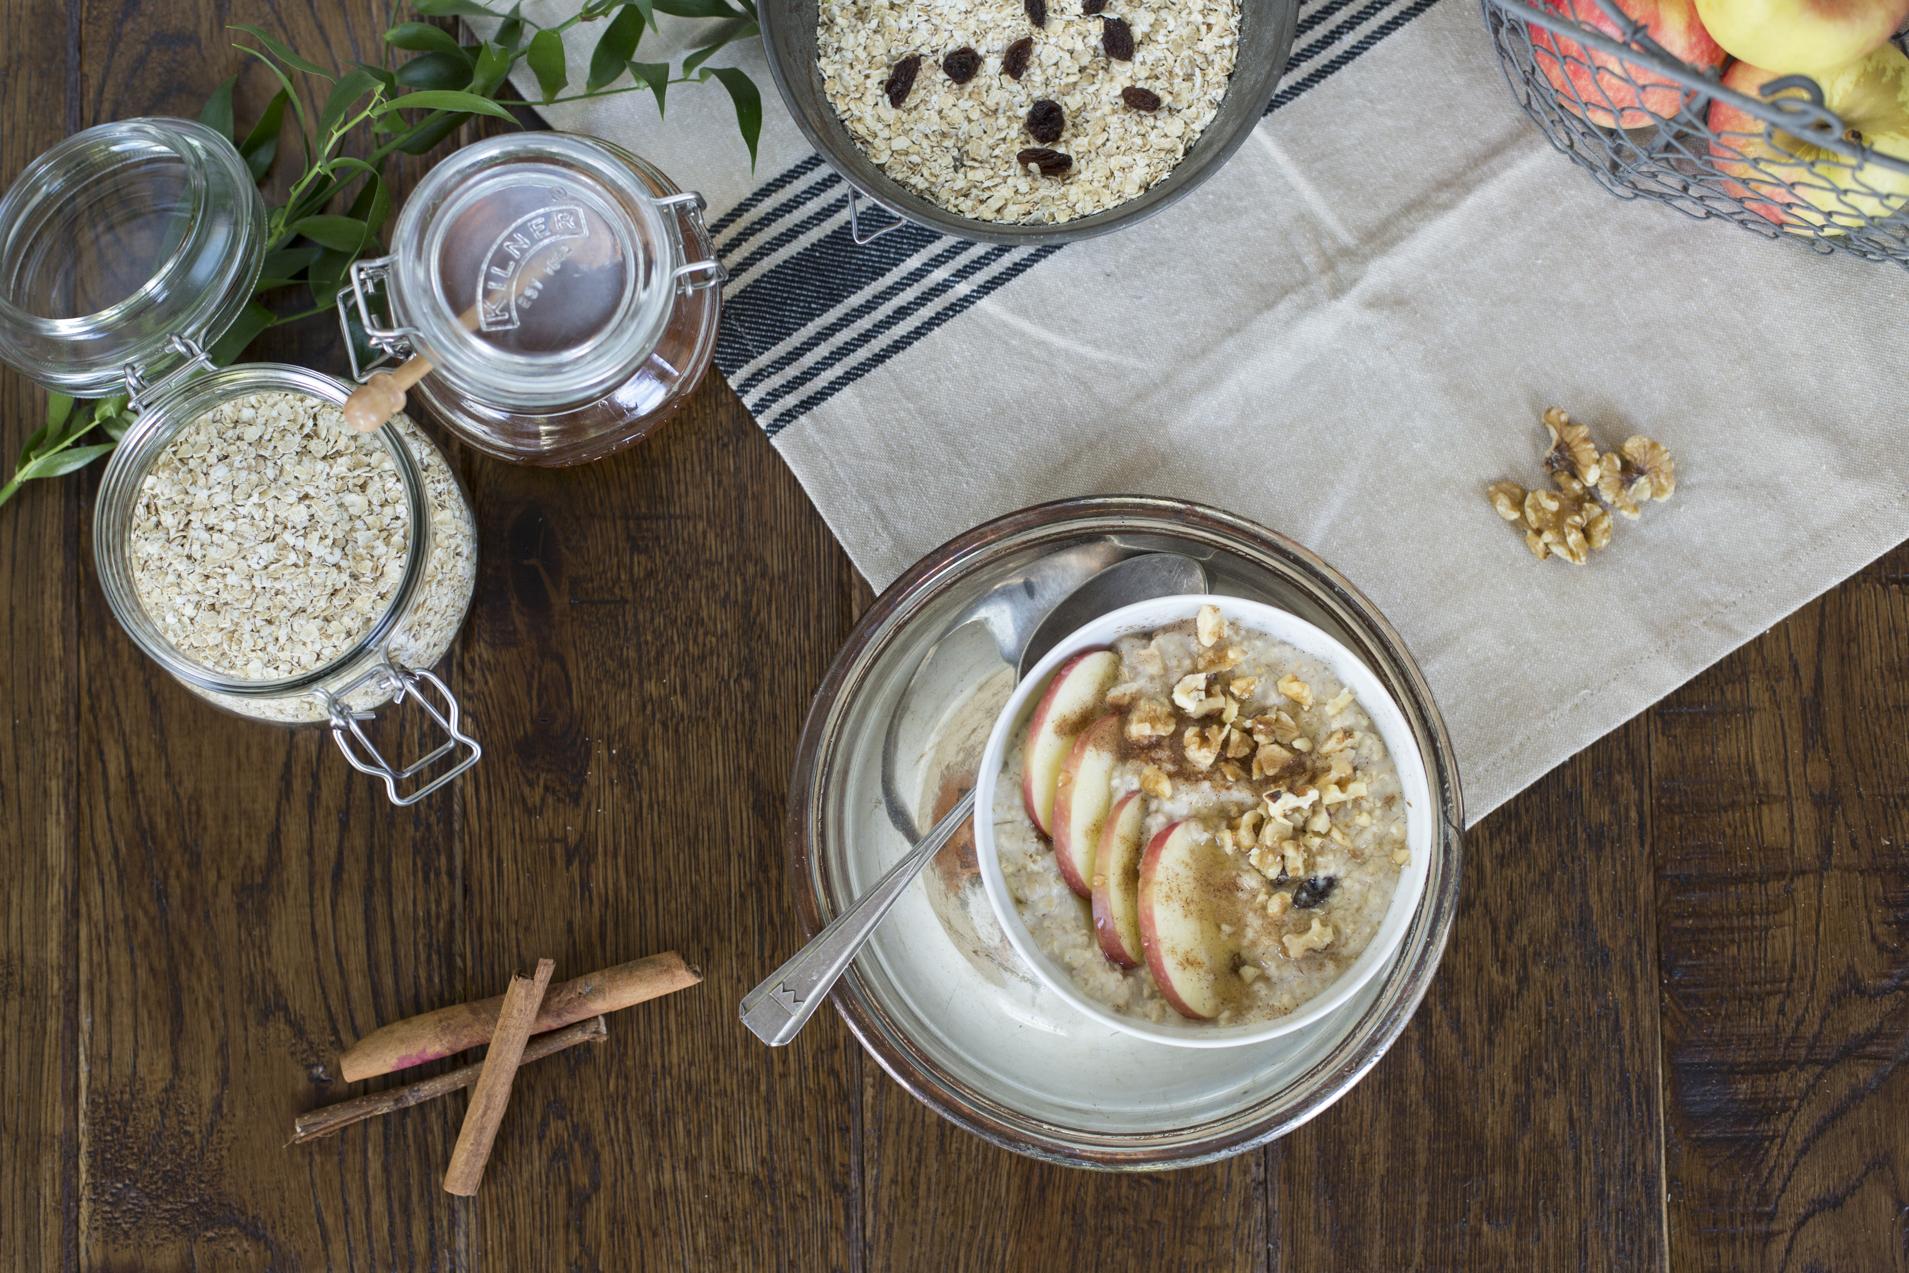 Panacea Opskrift Manuka Honning Og æblegrød Panacea